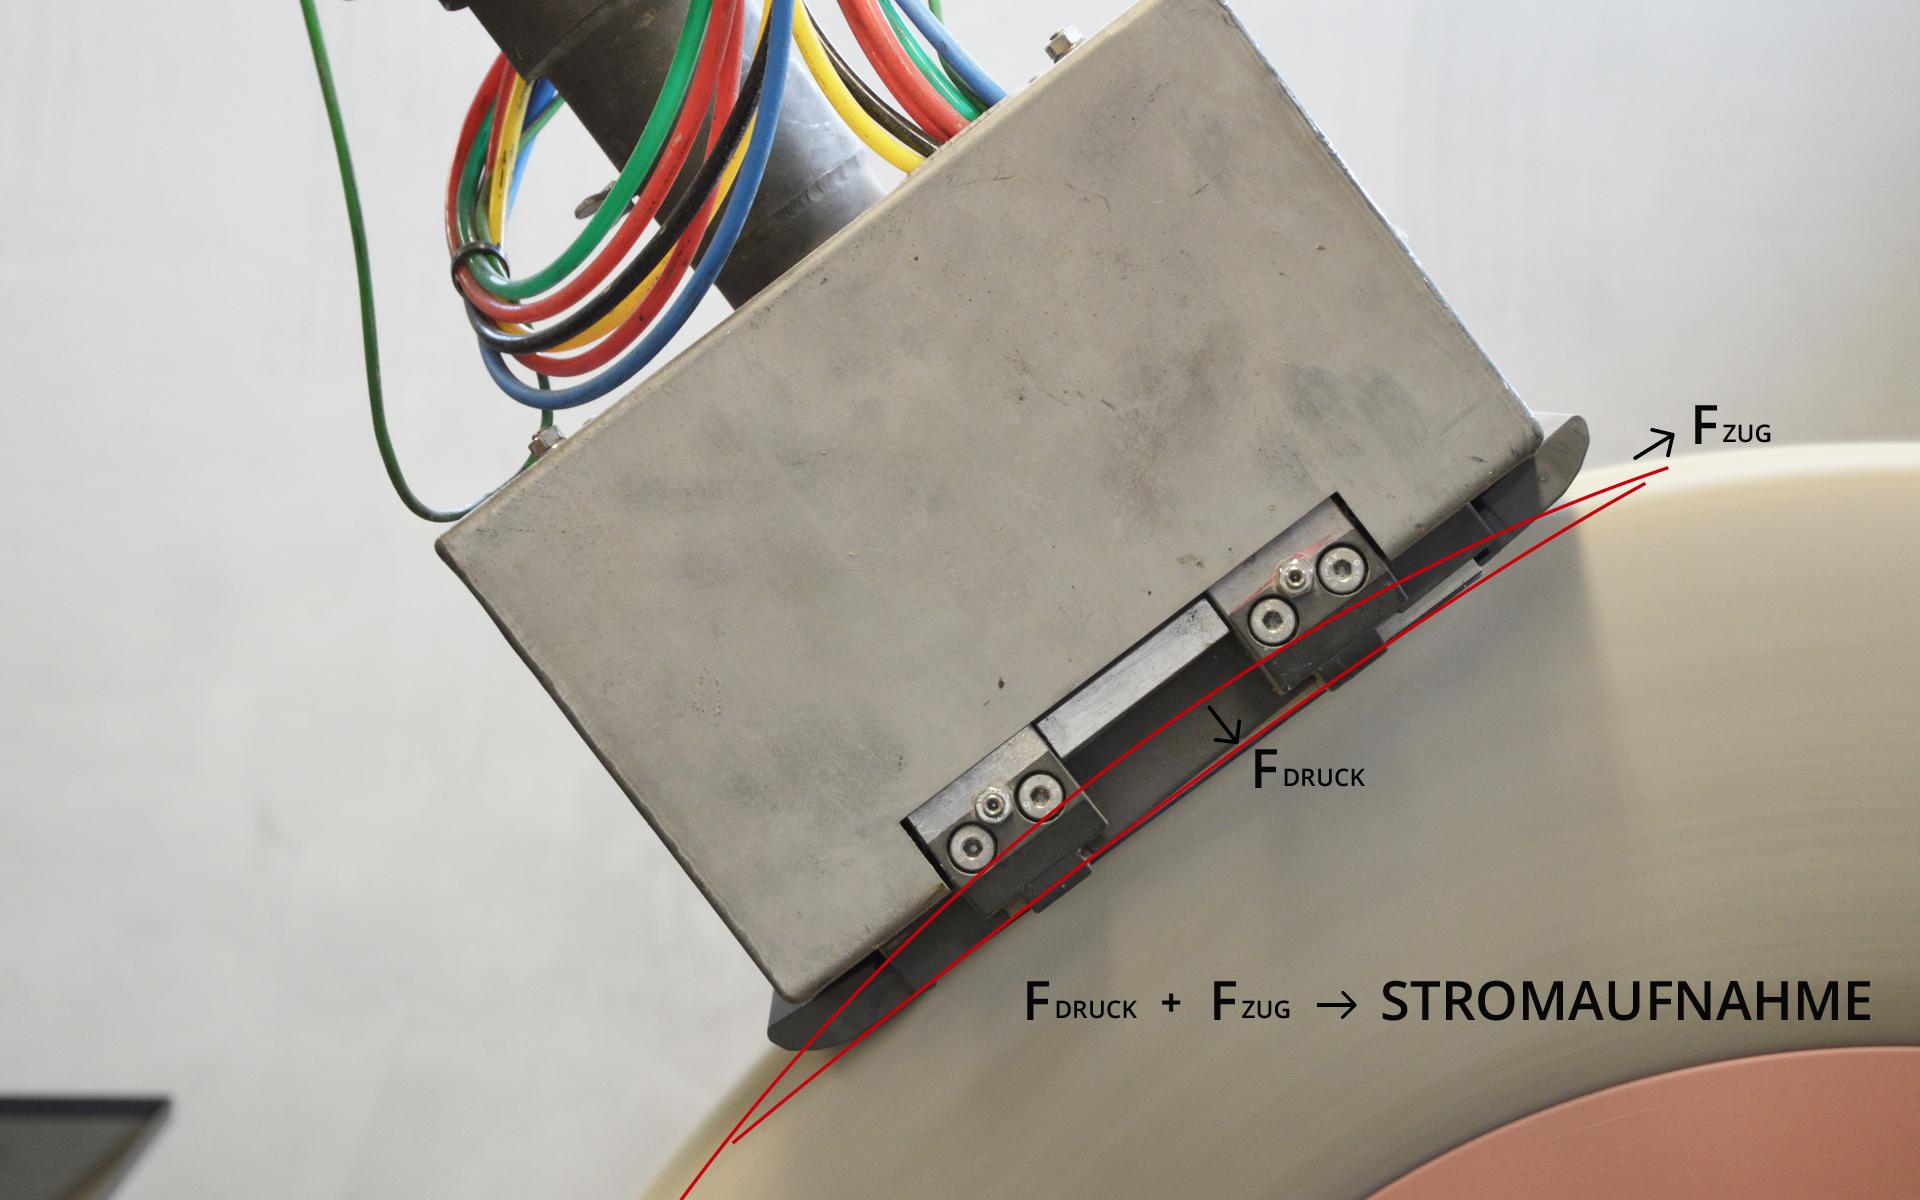 Exakte Bestimmung von Stromaufnahme und Zug entscheidend für stabile Polierprozesse.